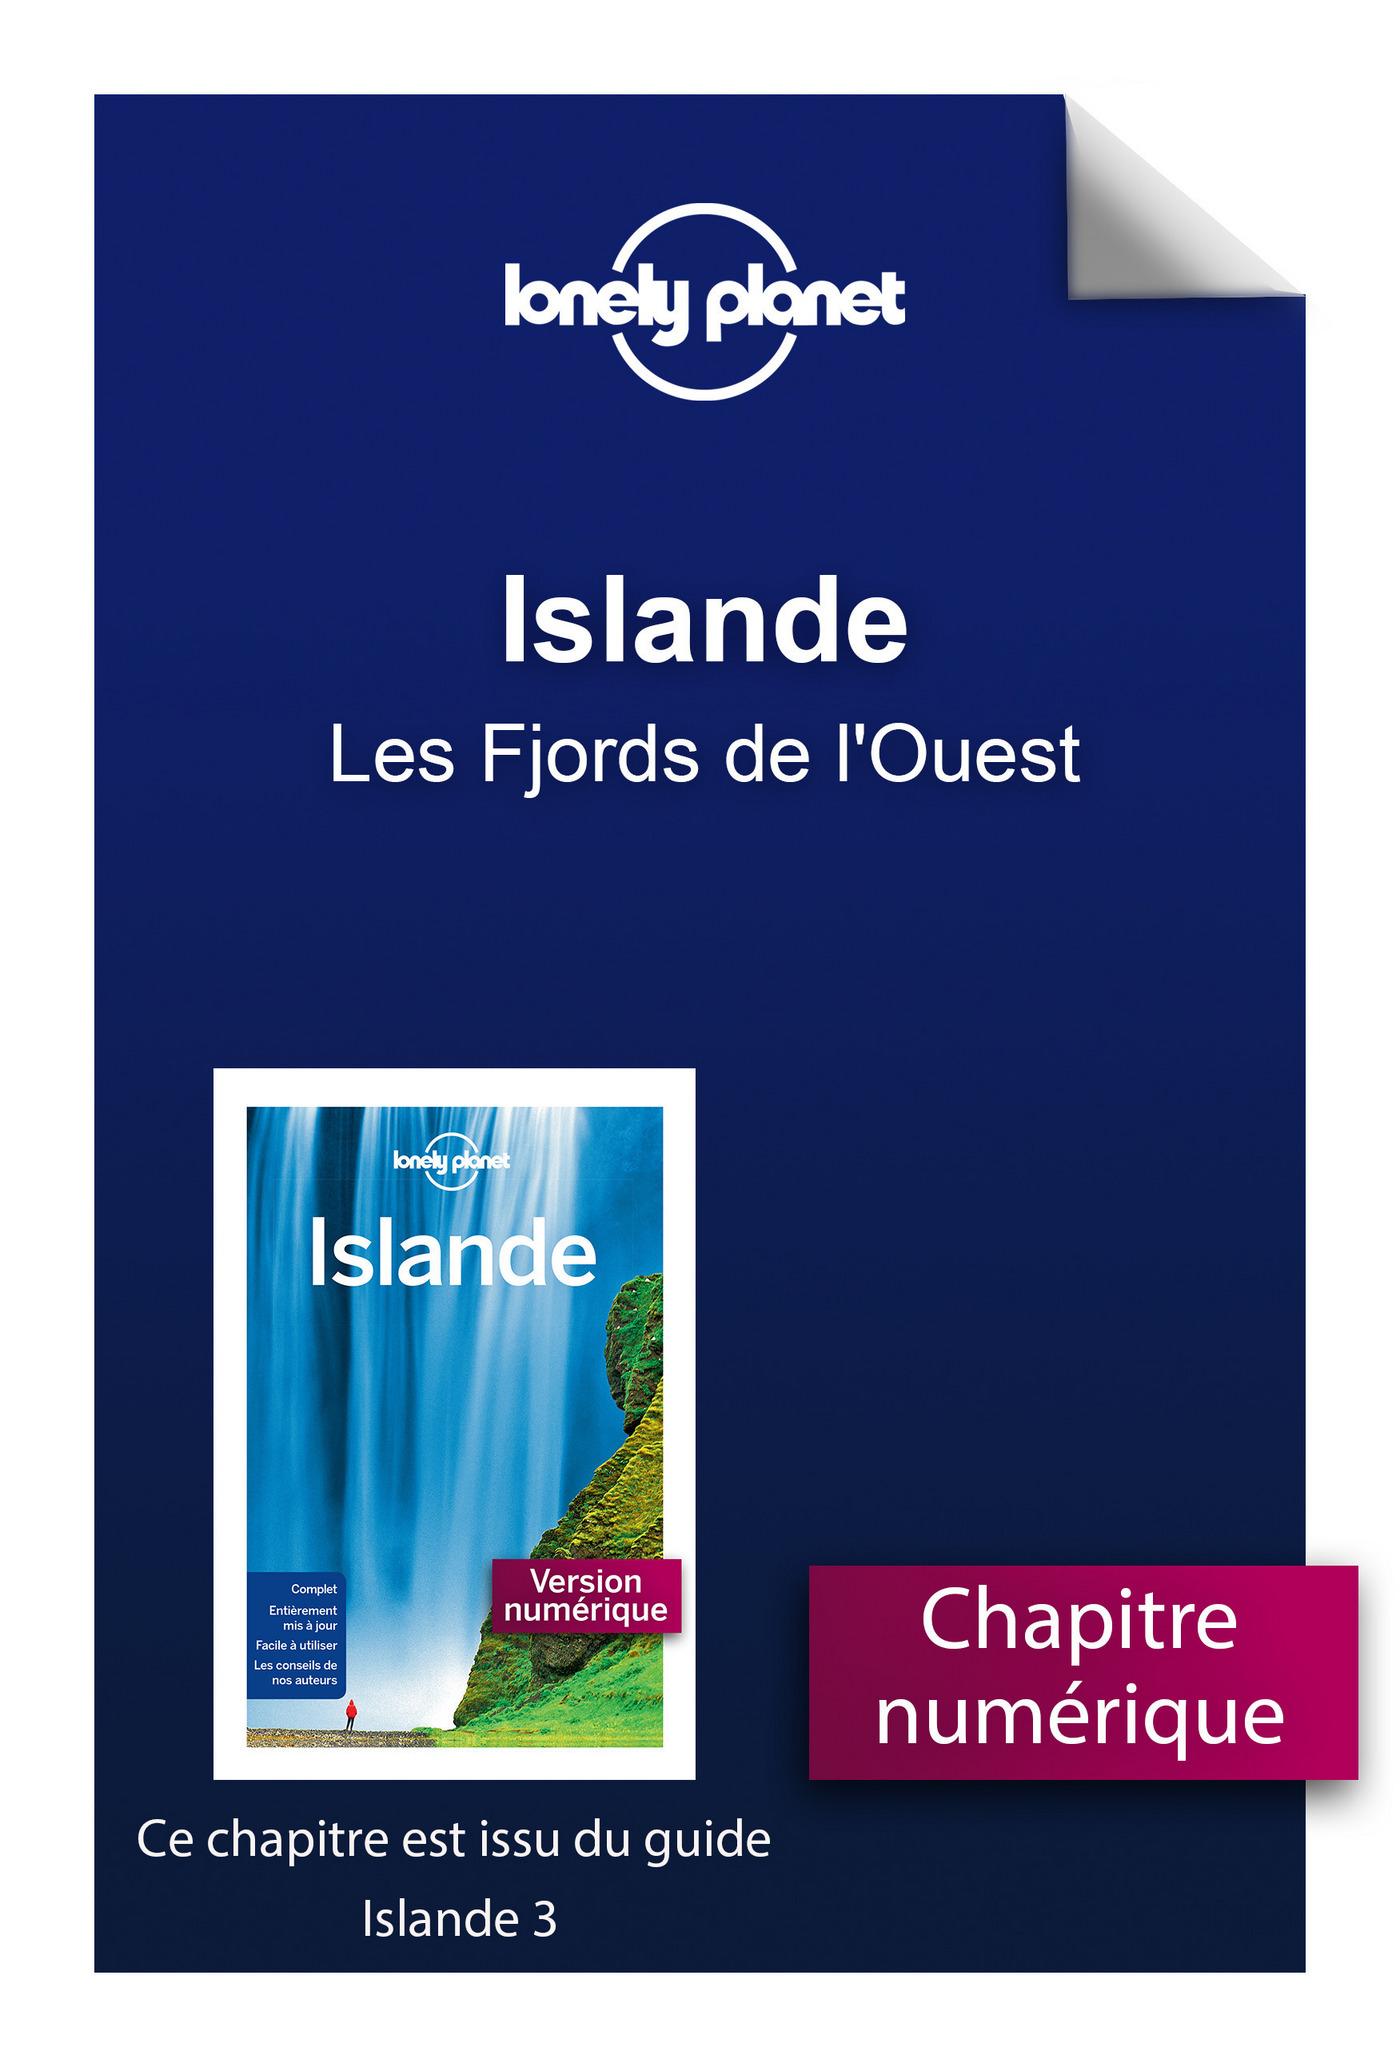 Islande 3 - Les Fjords de l'Ouest